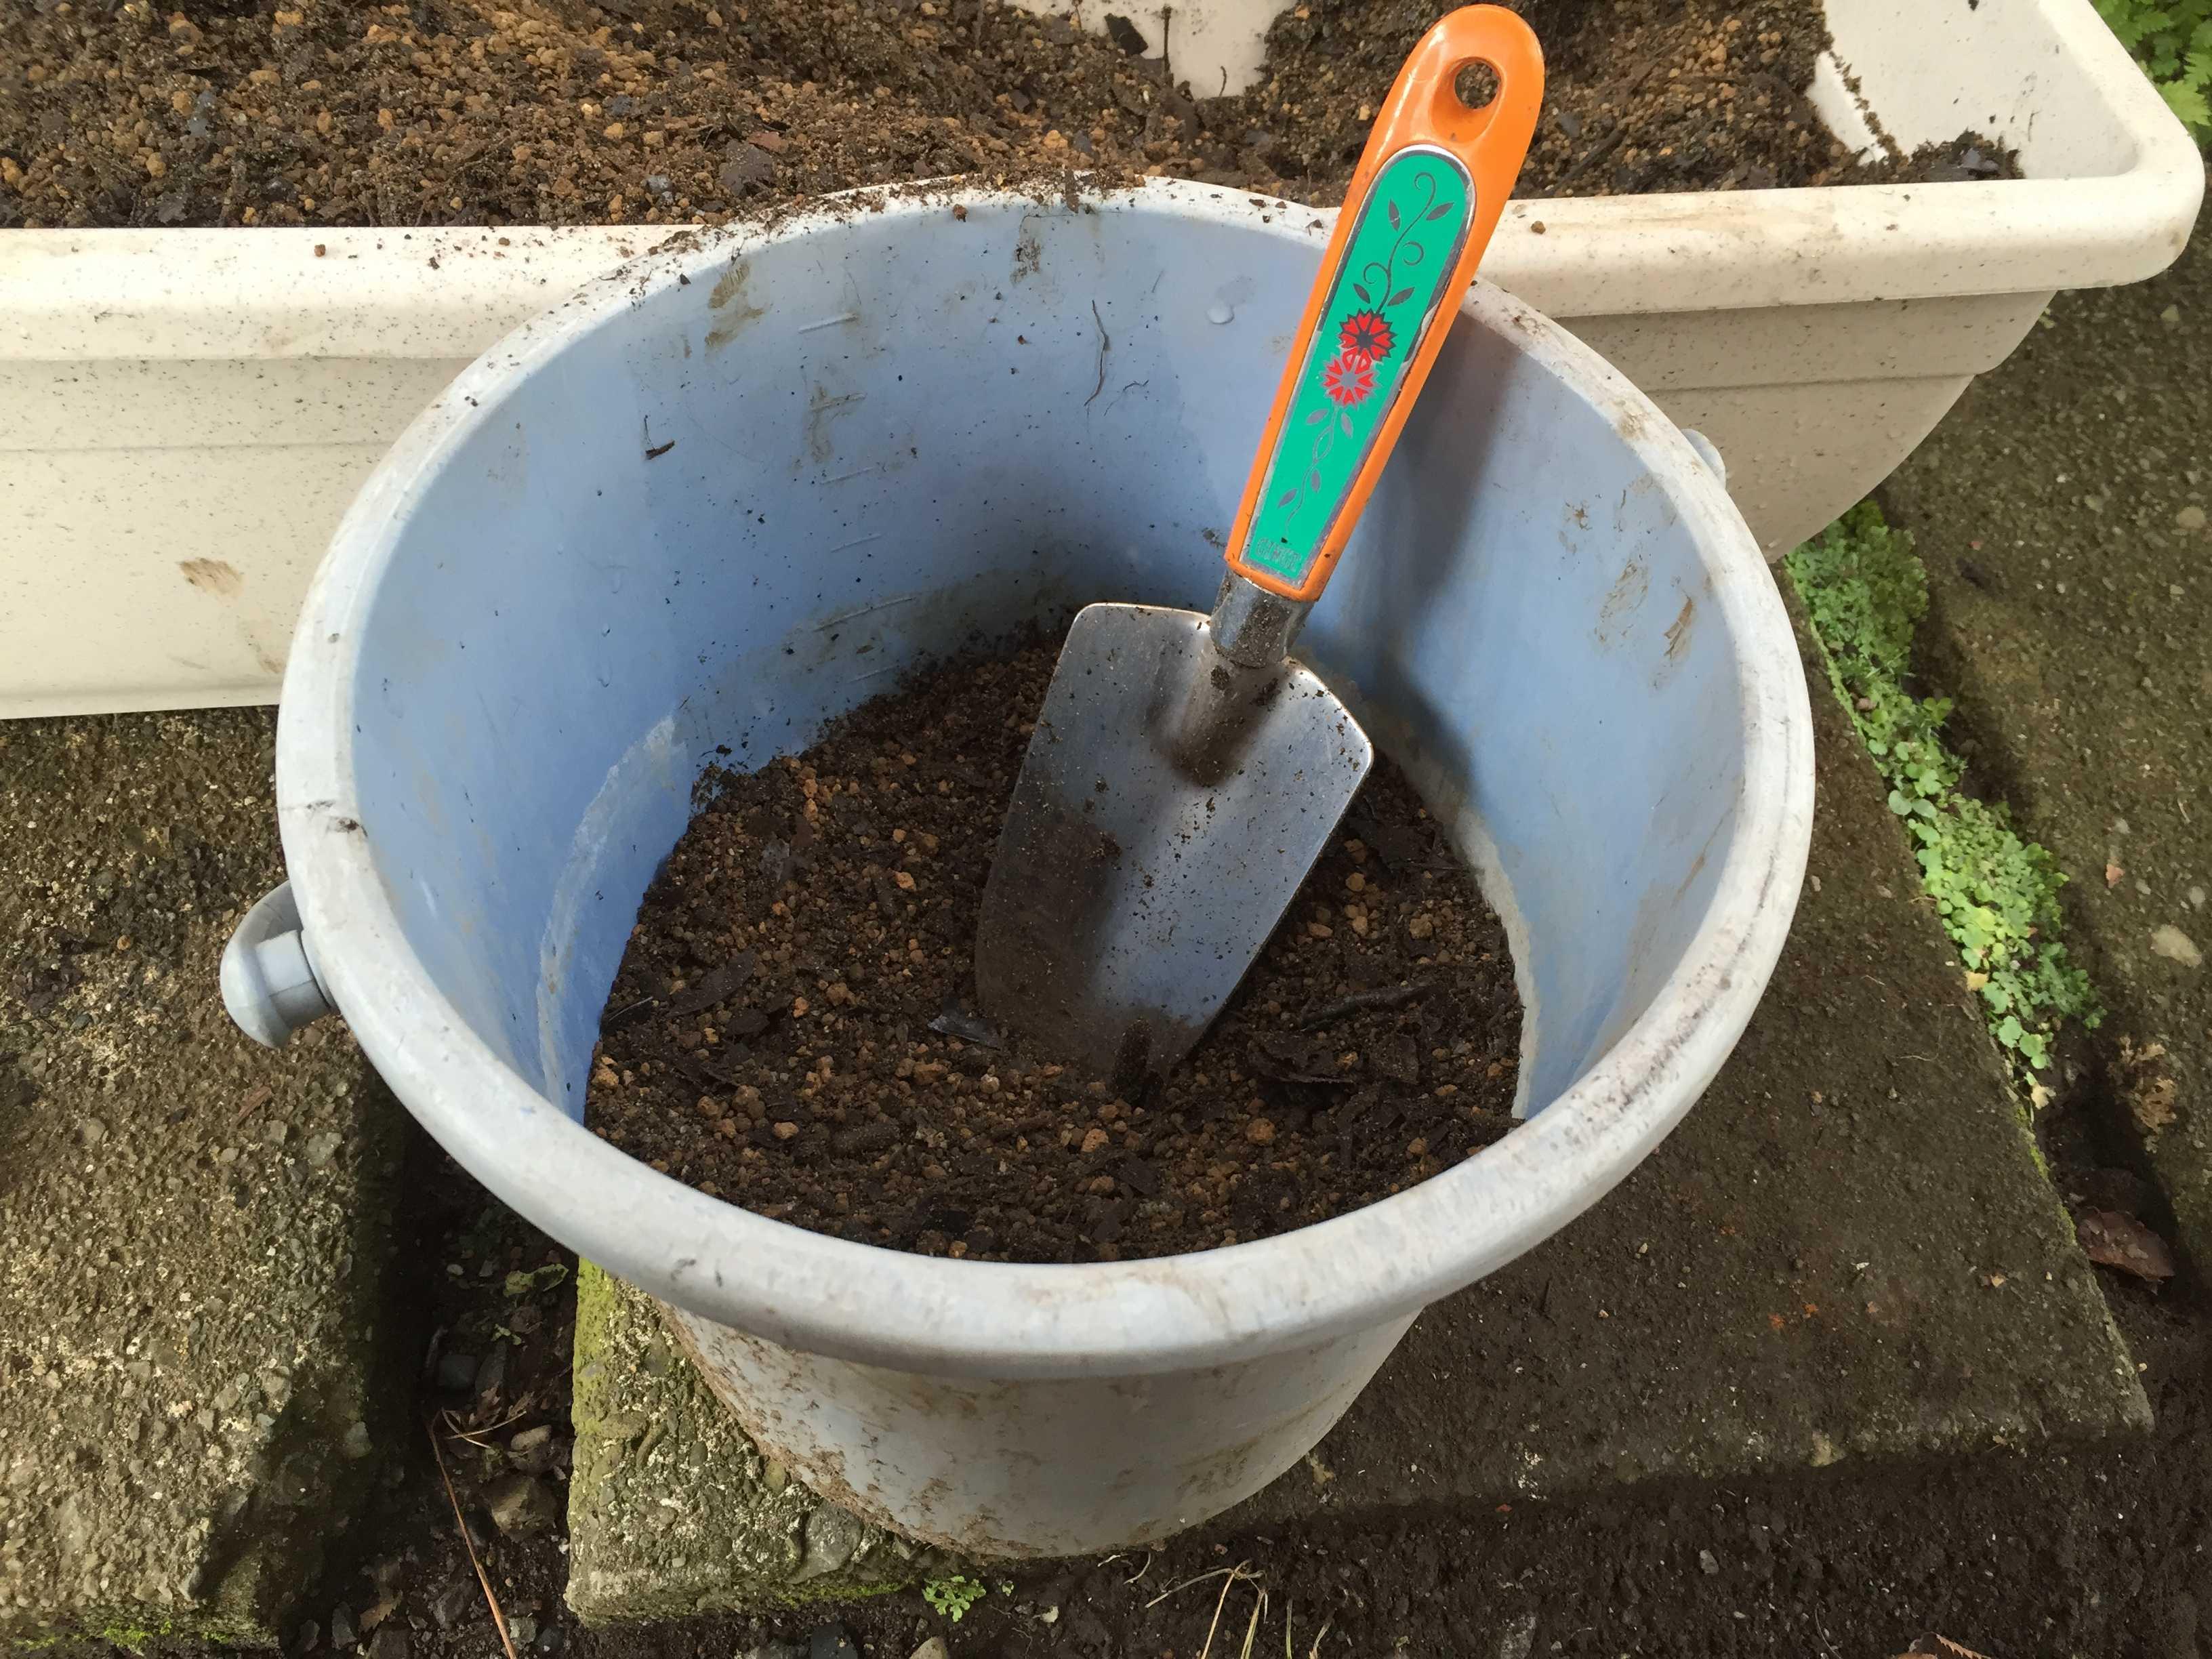 ヤマユリの種子繁殖/実生 - 播いたタネを隠すための「覆土」用の土